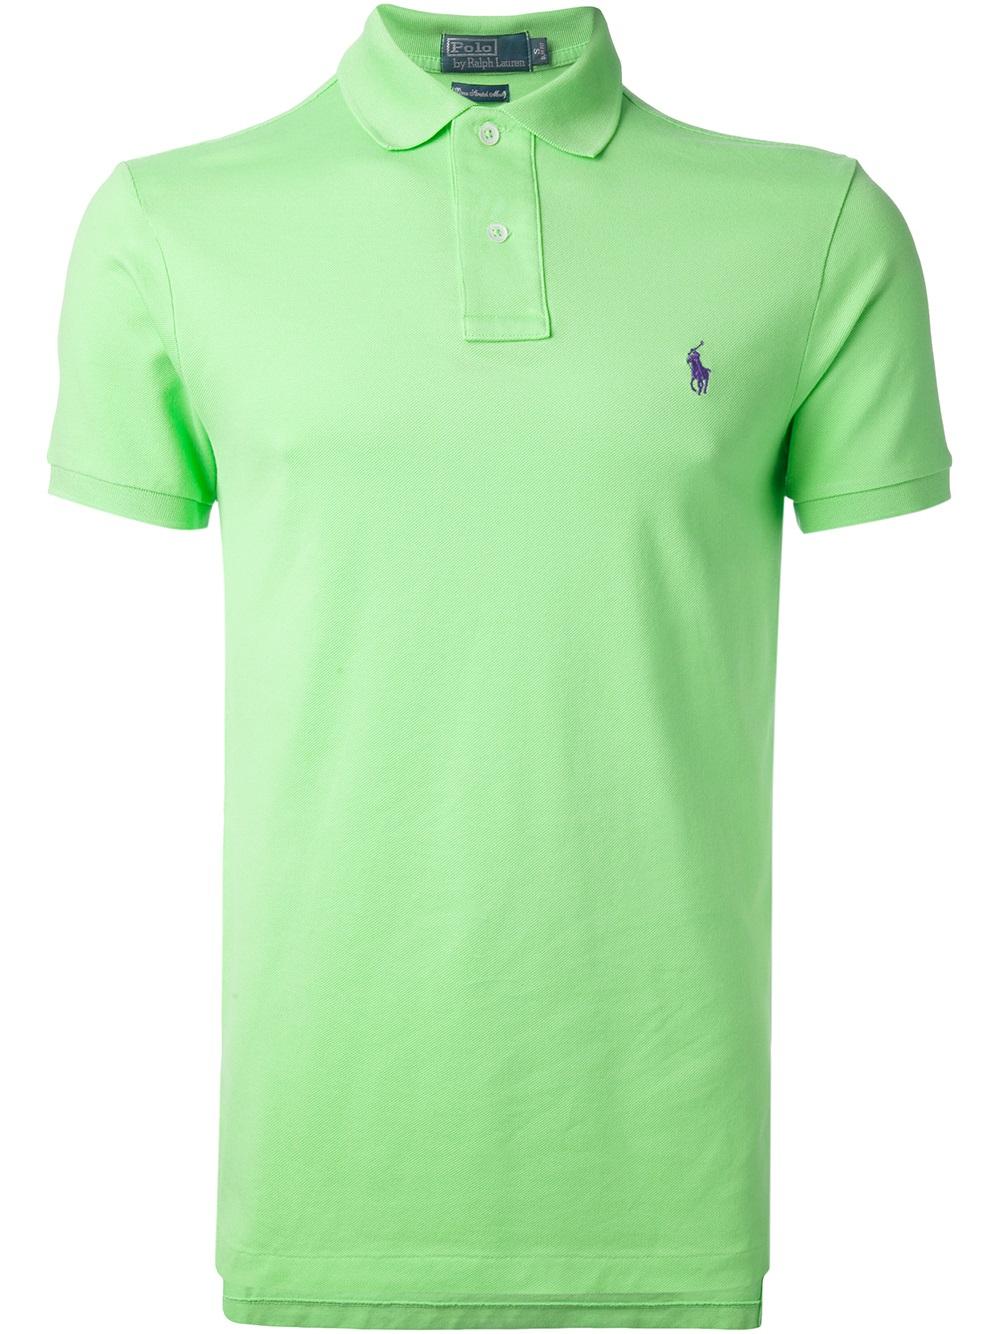 For Lauren Ralph Lyst Green Polo Classic Shirt Men In qUzSMVGLp